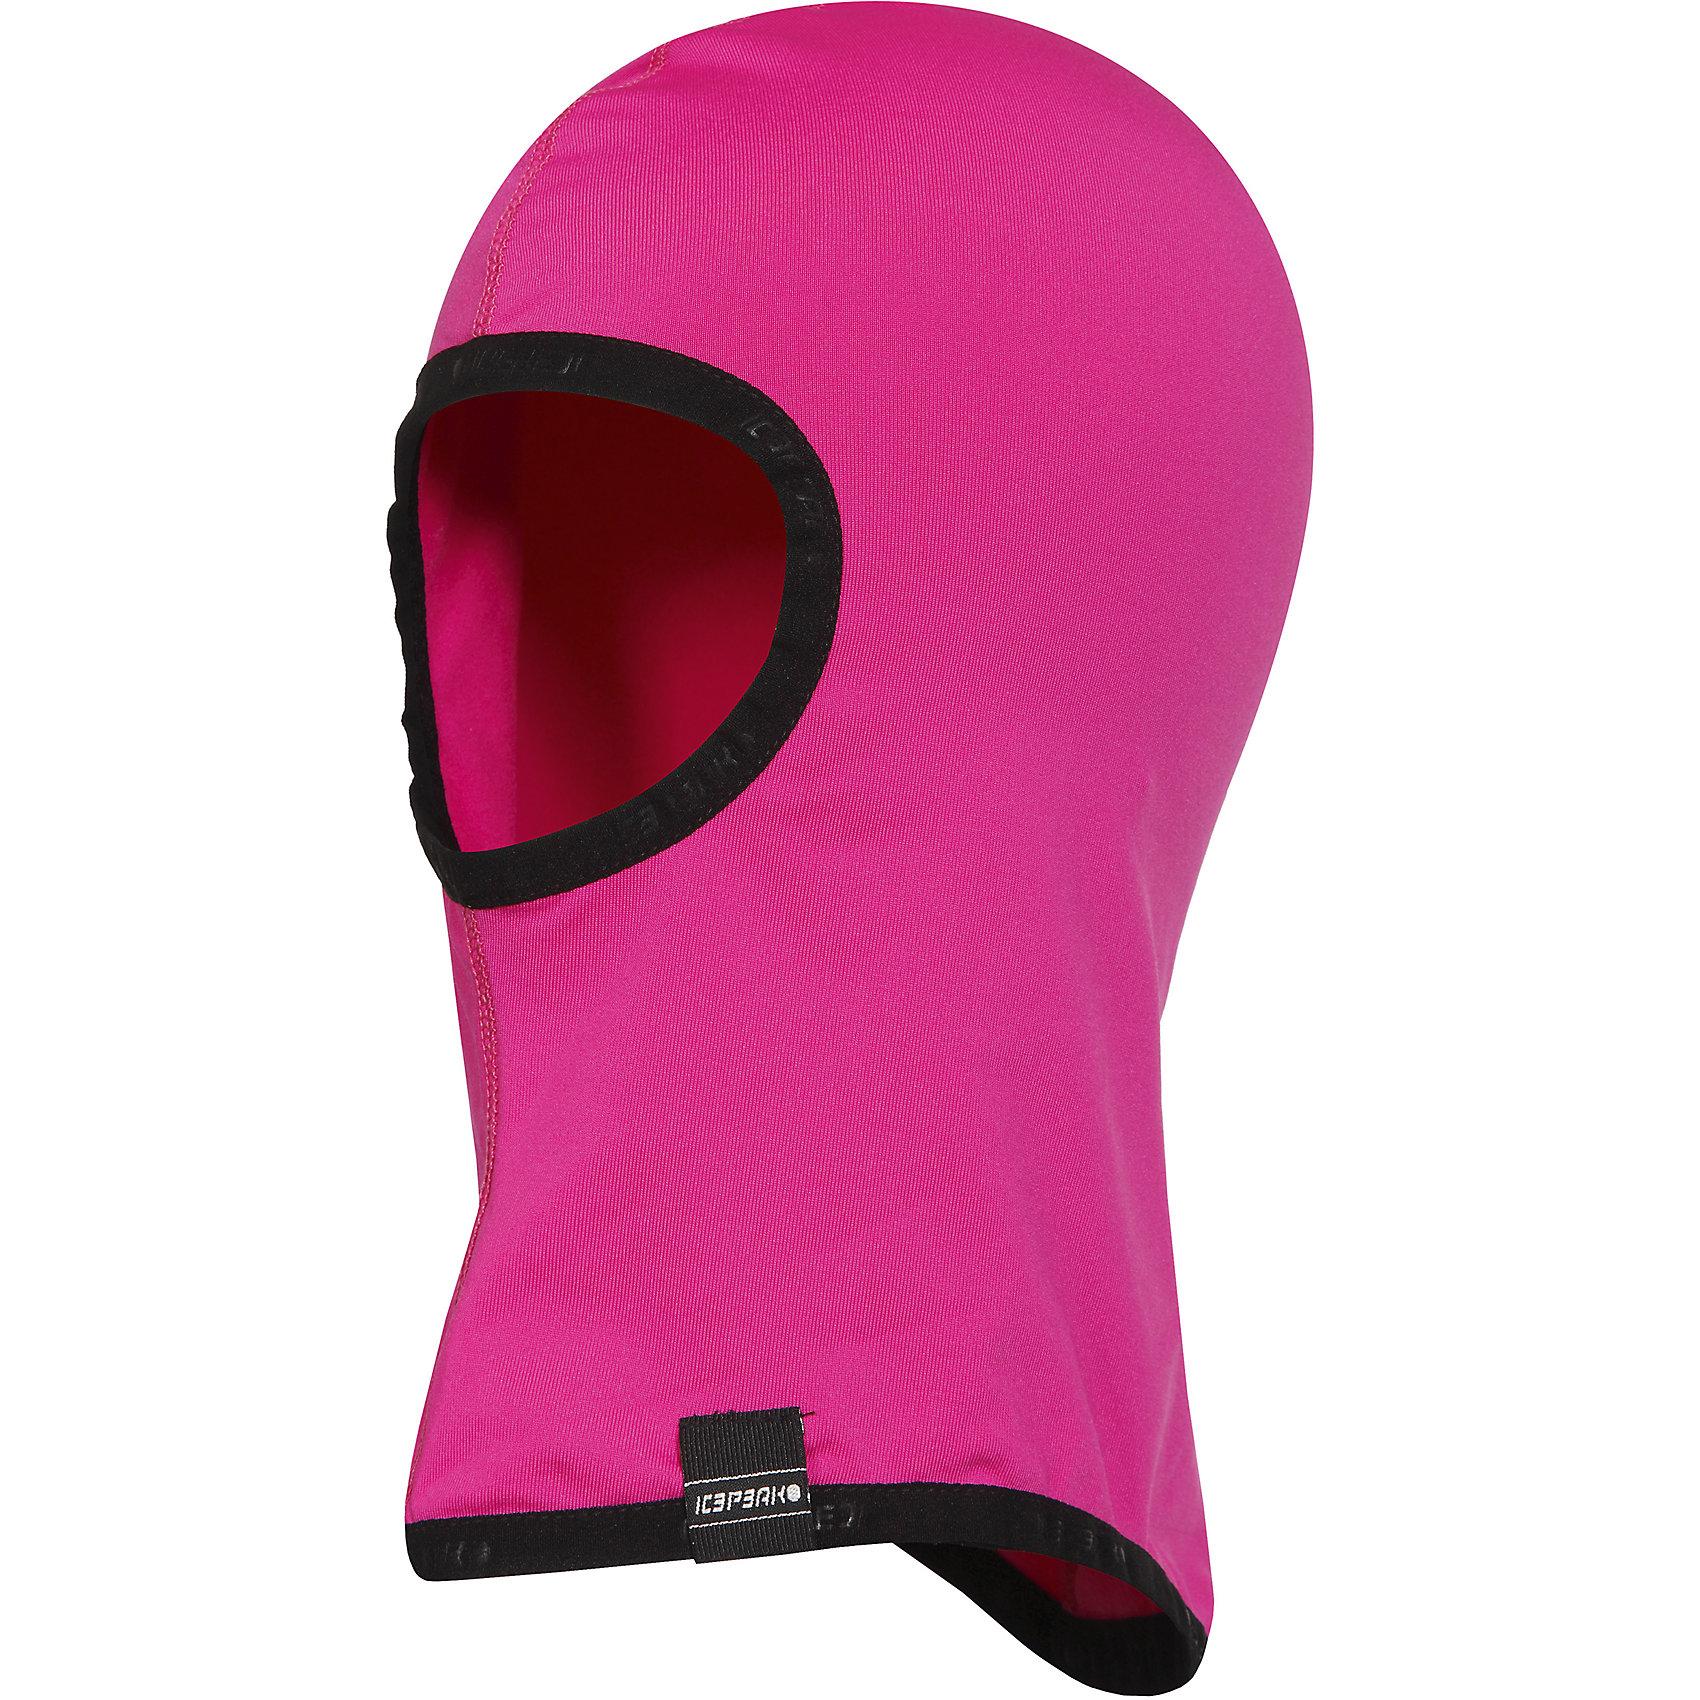 Шапка-шлем для девочки ICEPEAKШапки и шарфы<br>Шлем для девочка ICEPEAK. <br><br>Состав: 90% полиэстер 10% эластан <br><br>Шапка -шлем из микрофибры, трикотаж <br><br>Технологии: <br>CoolTech<br>Технология Cooltech обеспечивает высокую влаговыводимость и оставляет тело сухим даже во время интенсивных занятий спортом. Материал не впитывает влагу, а выводит ее, позволяя коже дышать. Идеально подходит для активных занятий спортом. В качестве основных преимуществ -  износостойкость и быстрое высыхание.<br><br>Ширина мм: 89<br>Глубина мм: 117<br>Высота мм: 44<br>Вес г: 155<br>Цвет: красный<br>Возраст от месяцев: 60<br>Возраст до месяцев: 72<br>Пол: Женский<br>Возраст: Детский<br>Размер: one size<br>SKU: 4221097